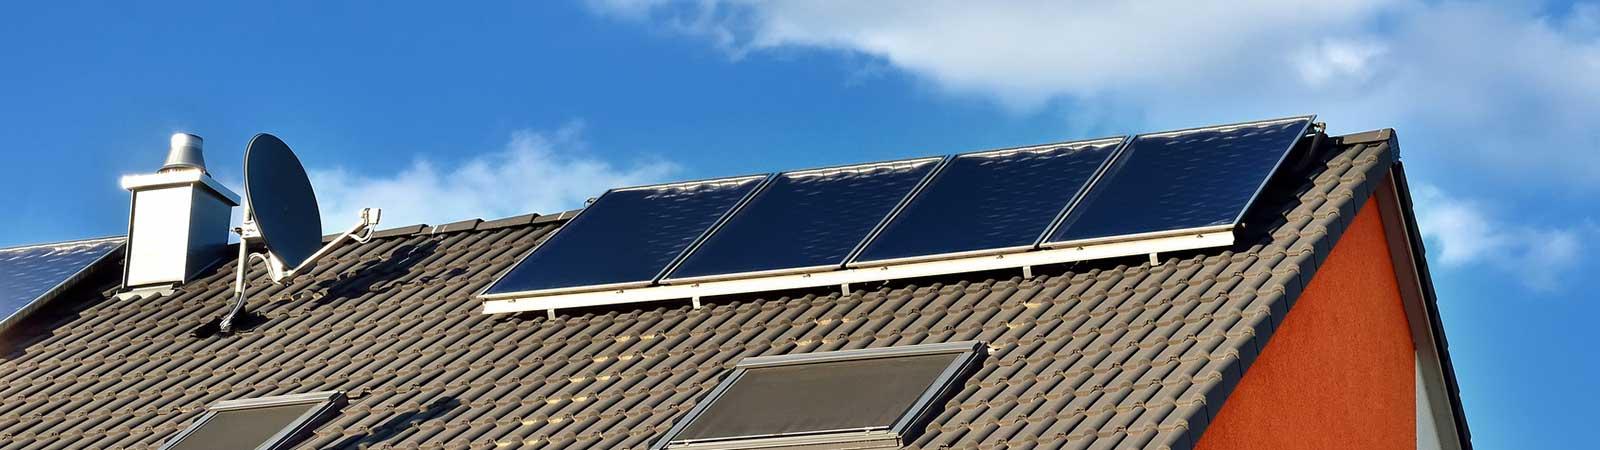 Solarheizung: Wärme aus erneuerbarer Energie